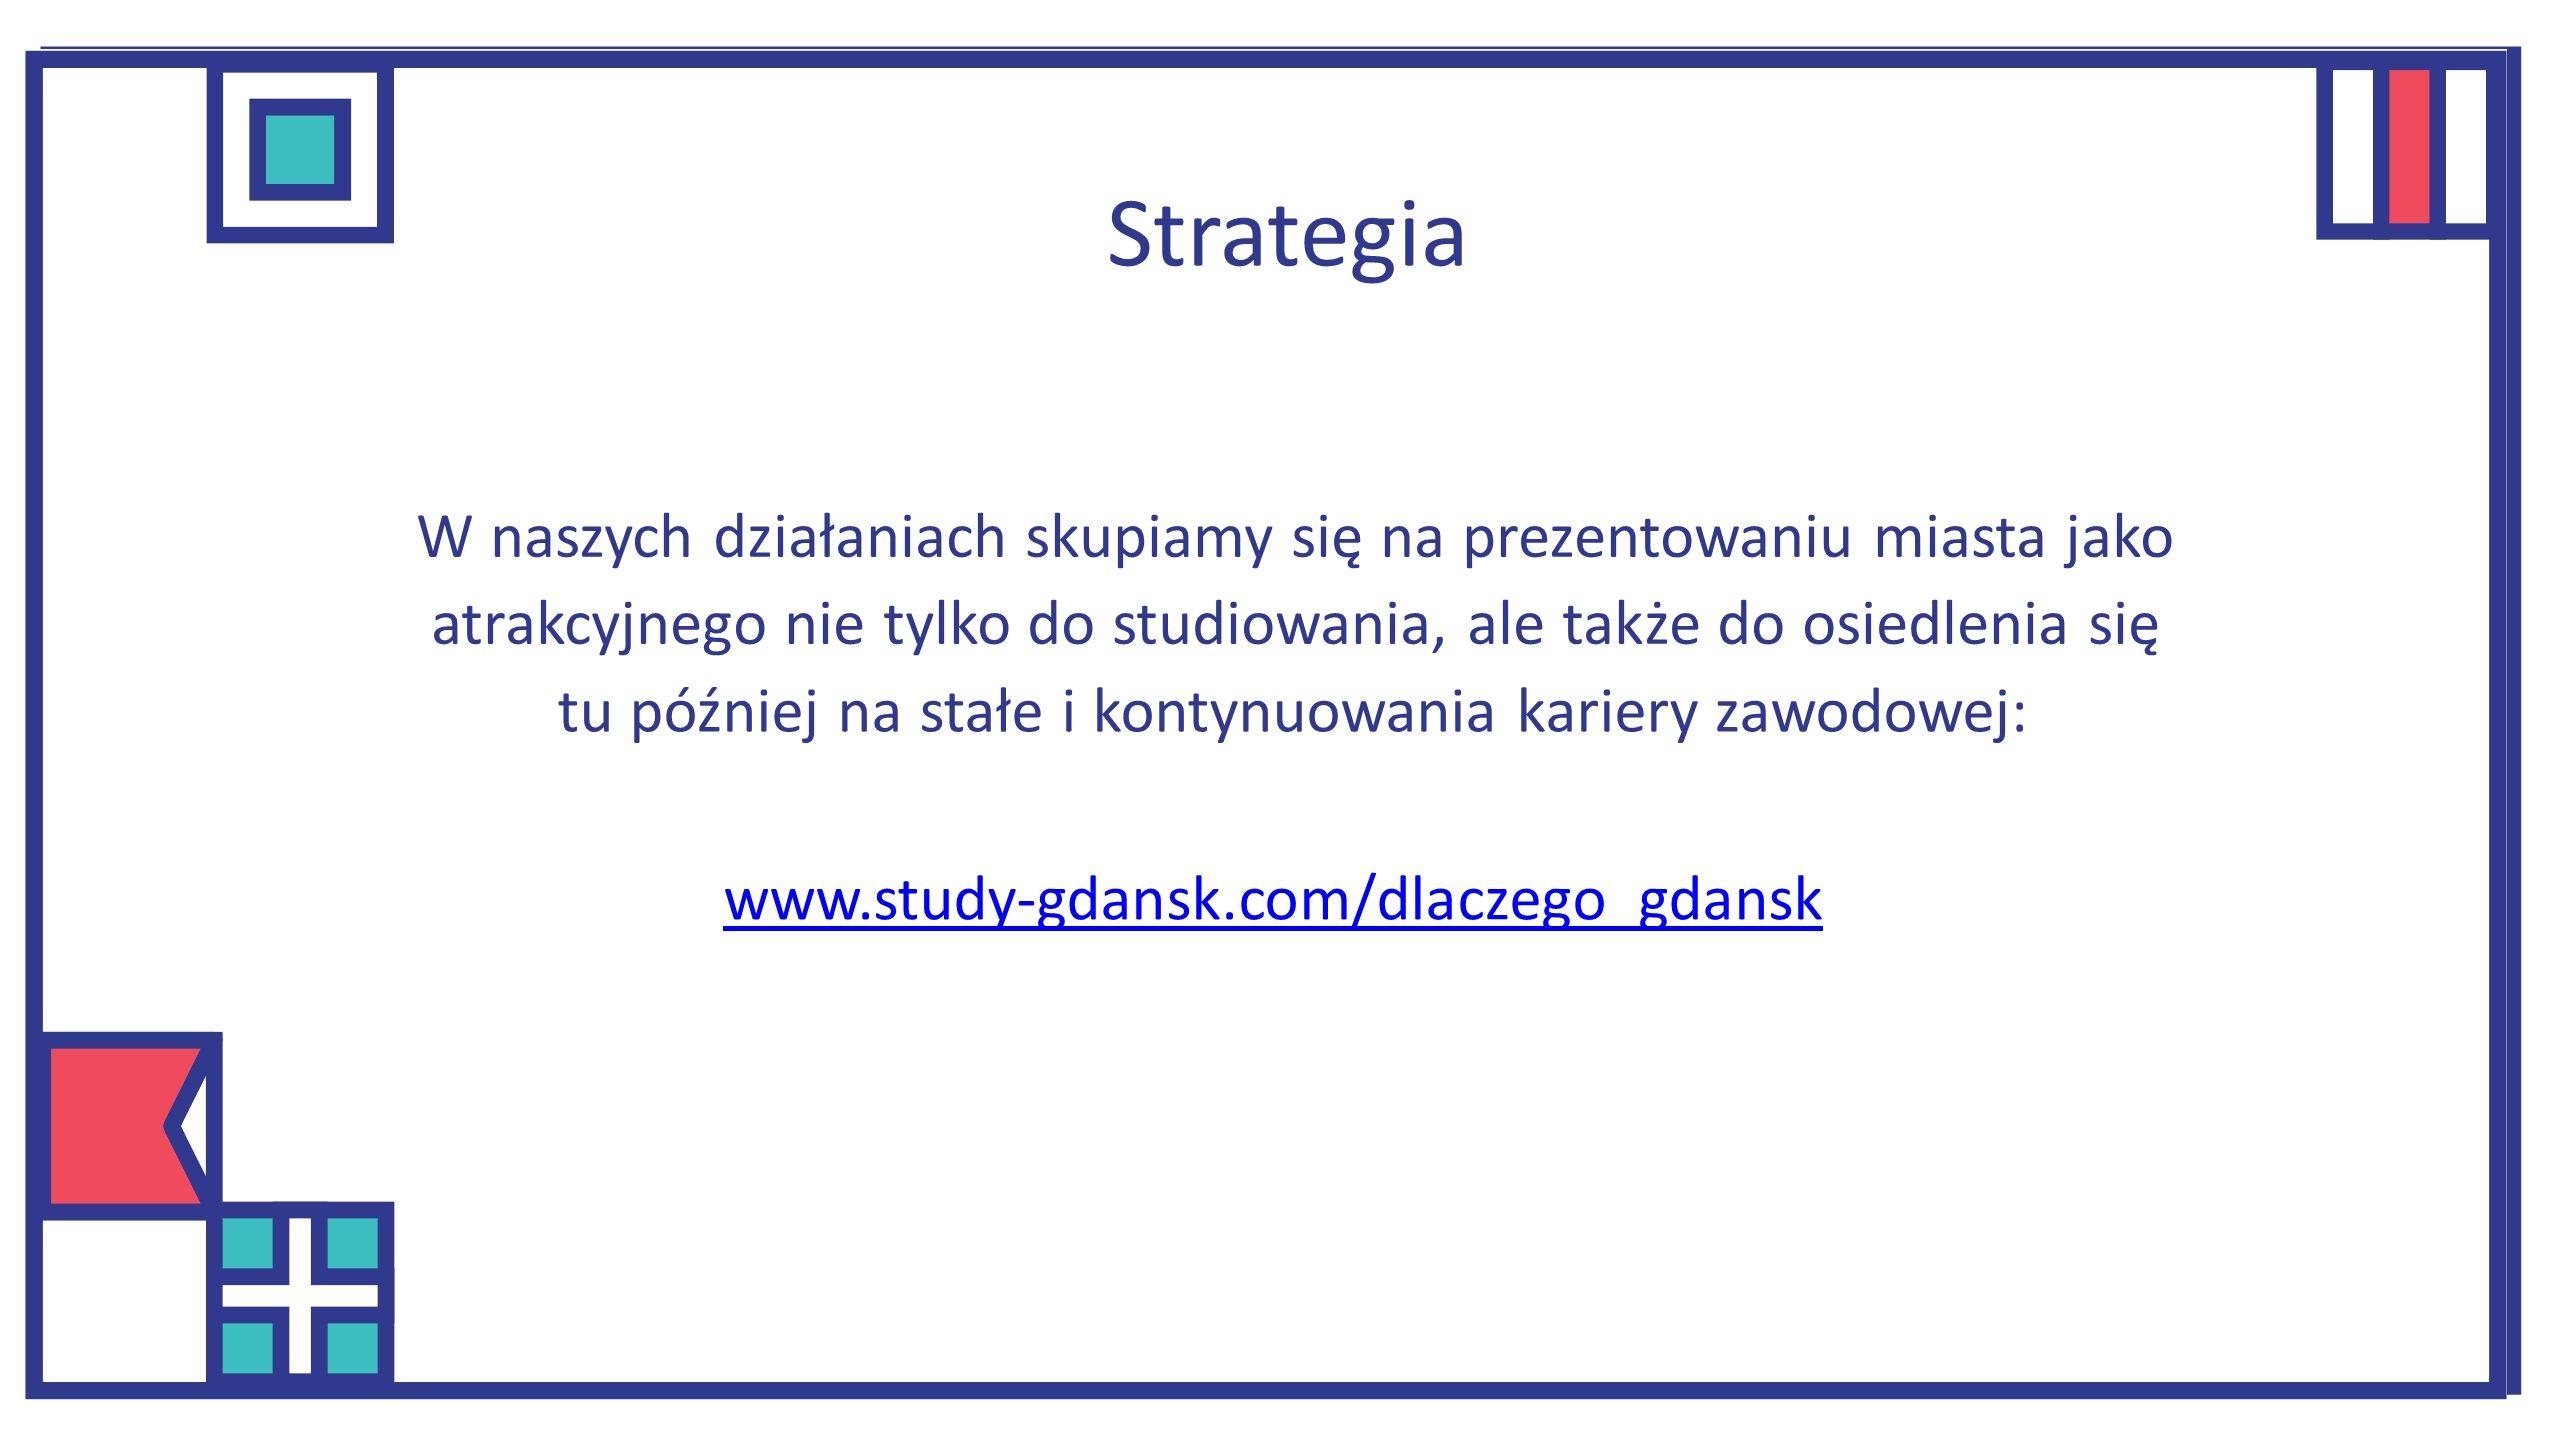 Warsztaty międzykulturowe Brali w nich udział studenci zarówno polscy, jak i zagraniczni.